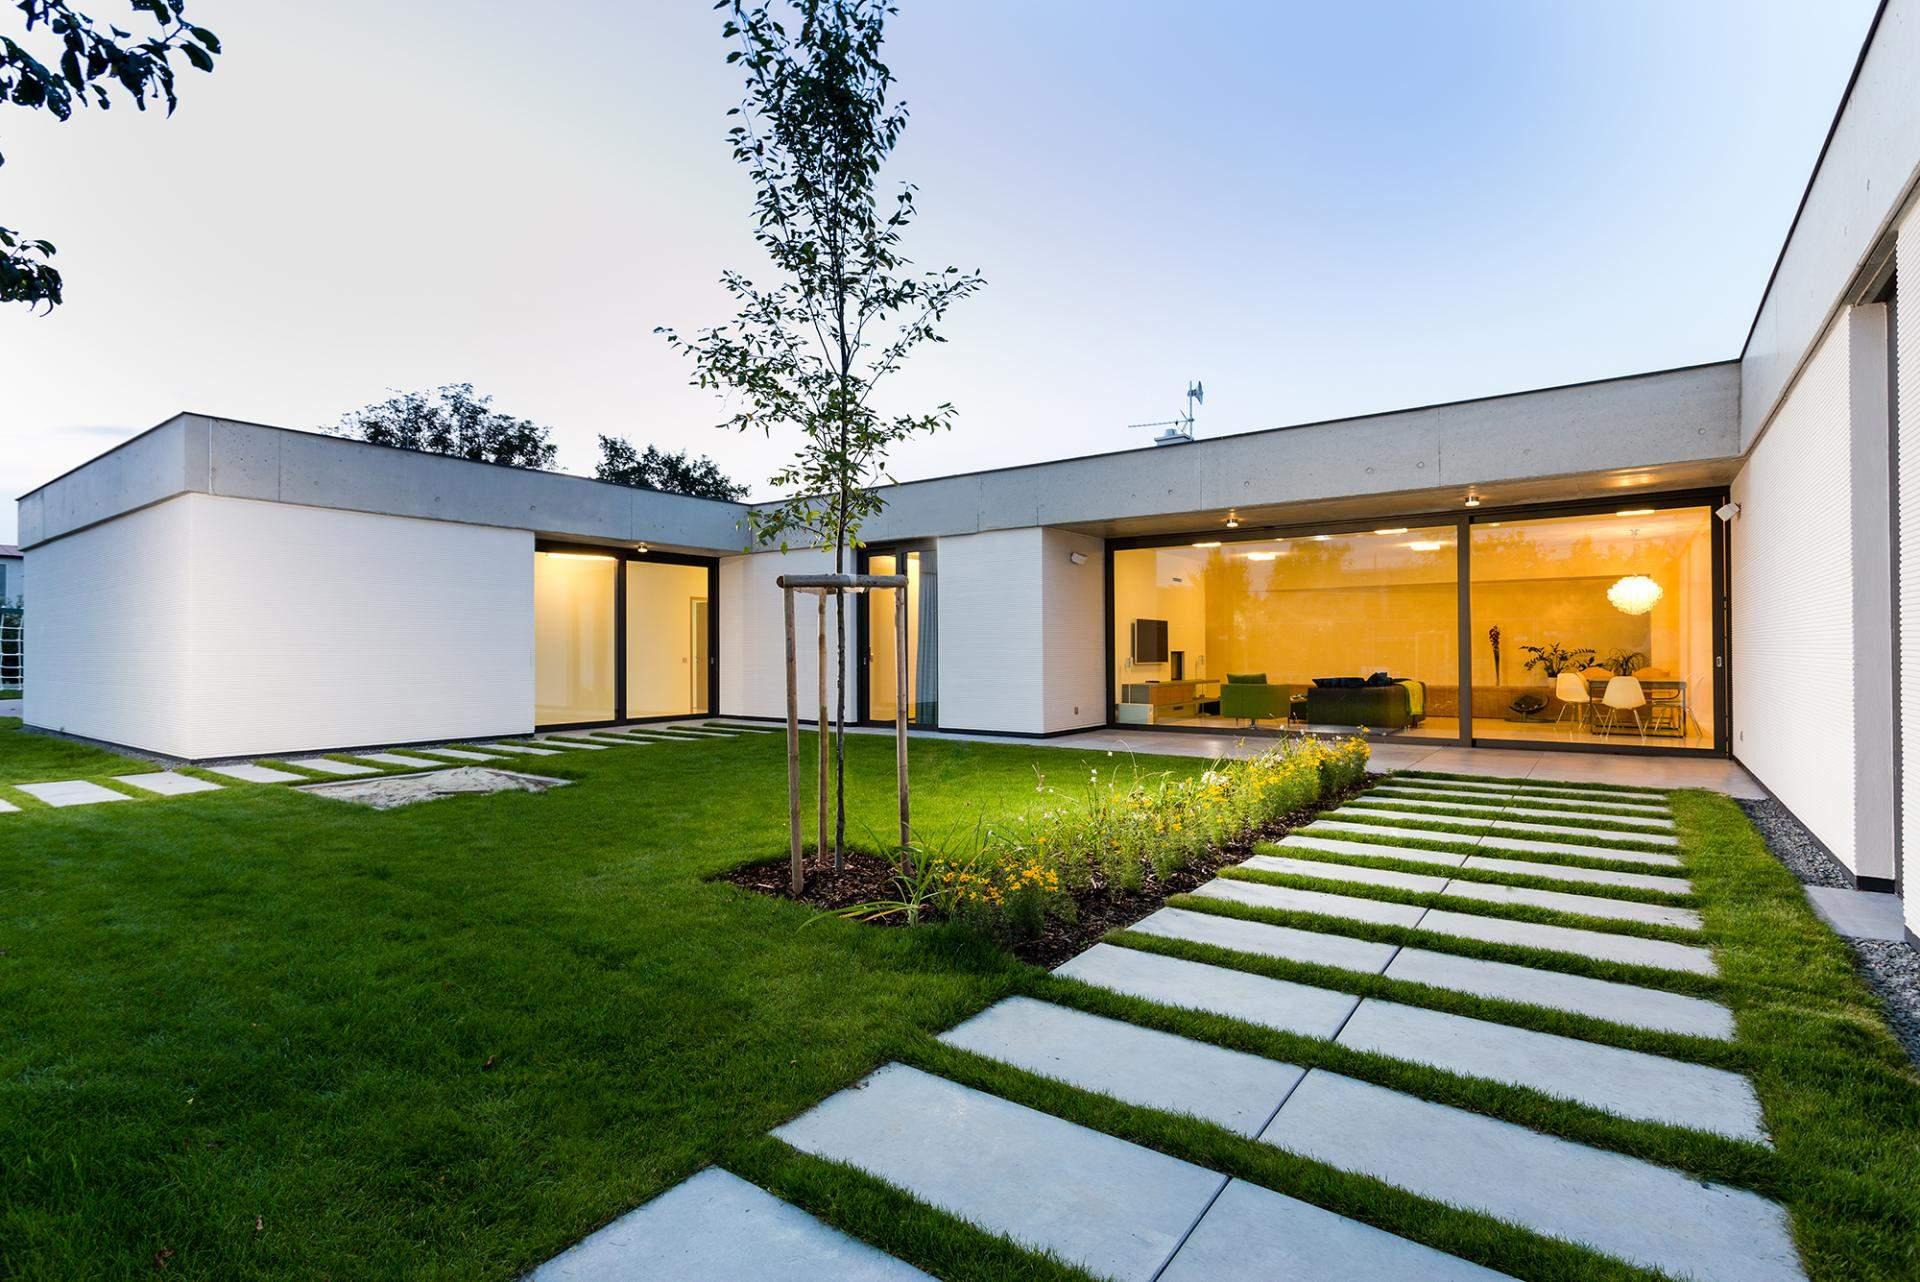 Villa familiale en r publique tch que for L architecture moderne des villa